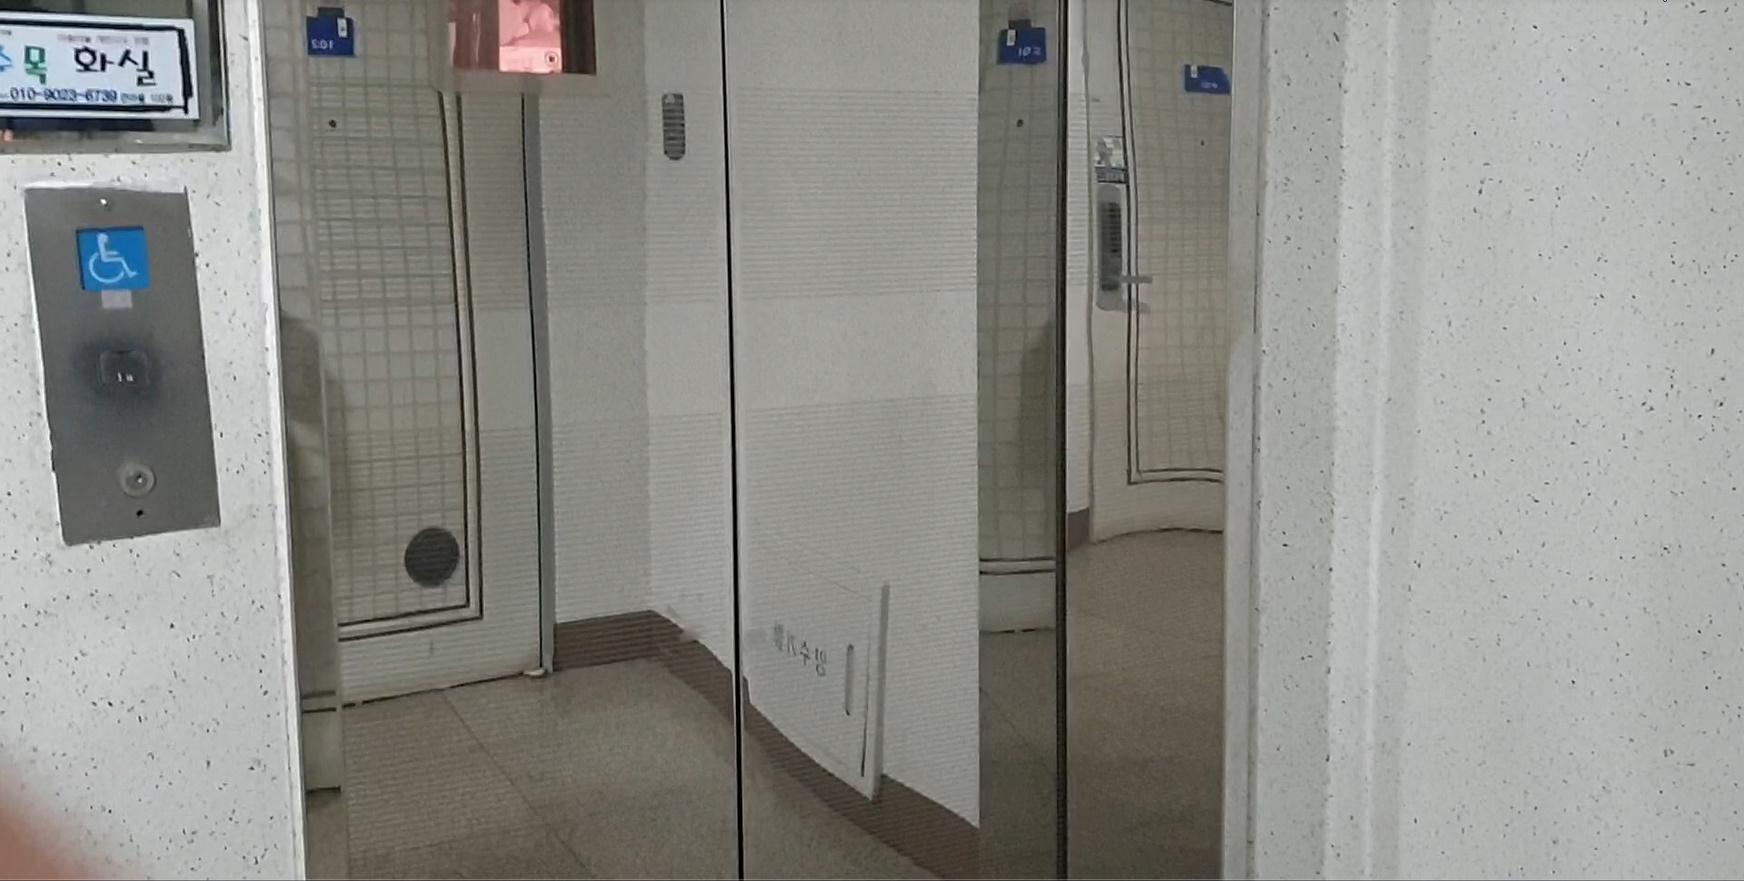 층간 소음 마찰로 24일 아래위 층간 흉기 난동 사건이 난 경기도 고양시 아파트 엘리베이터와 1층 엘리베이터 앞. 전익진 기자